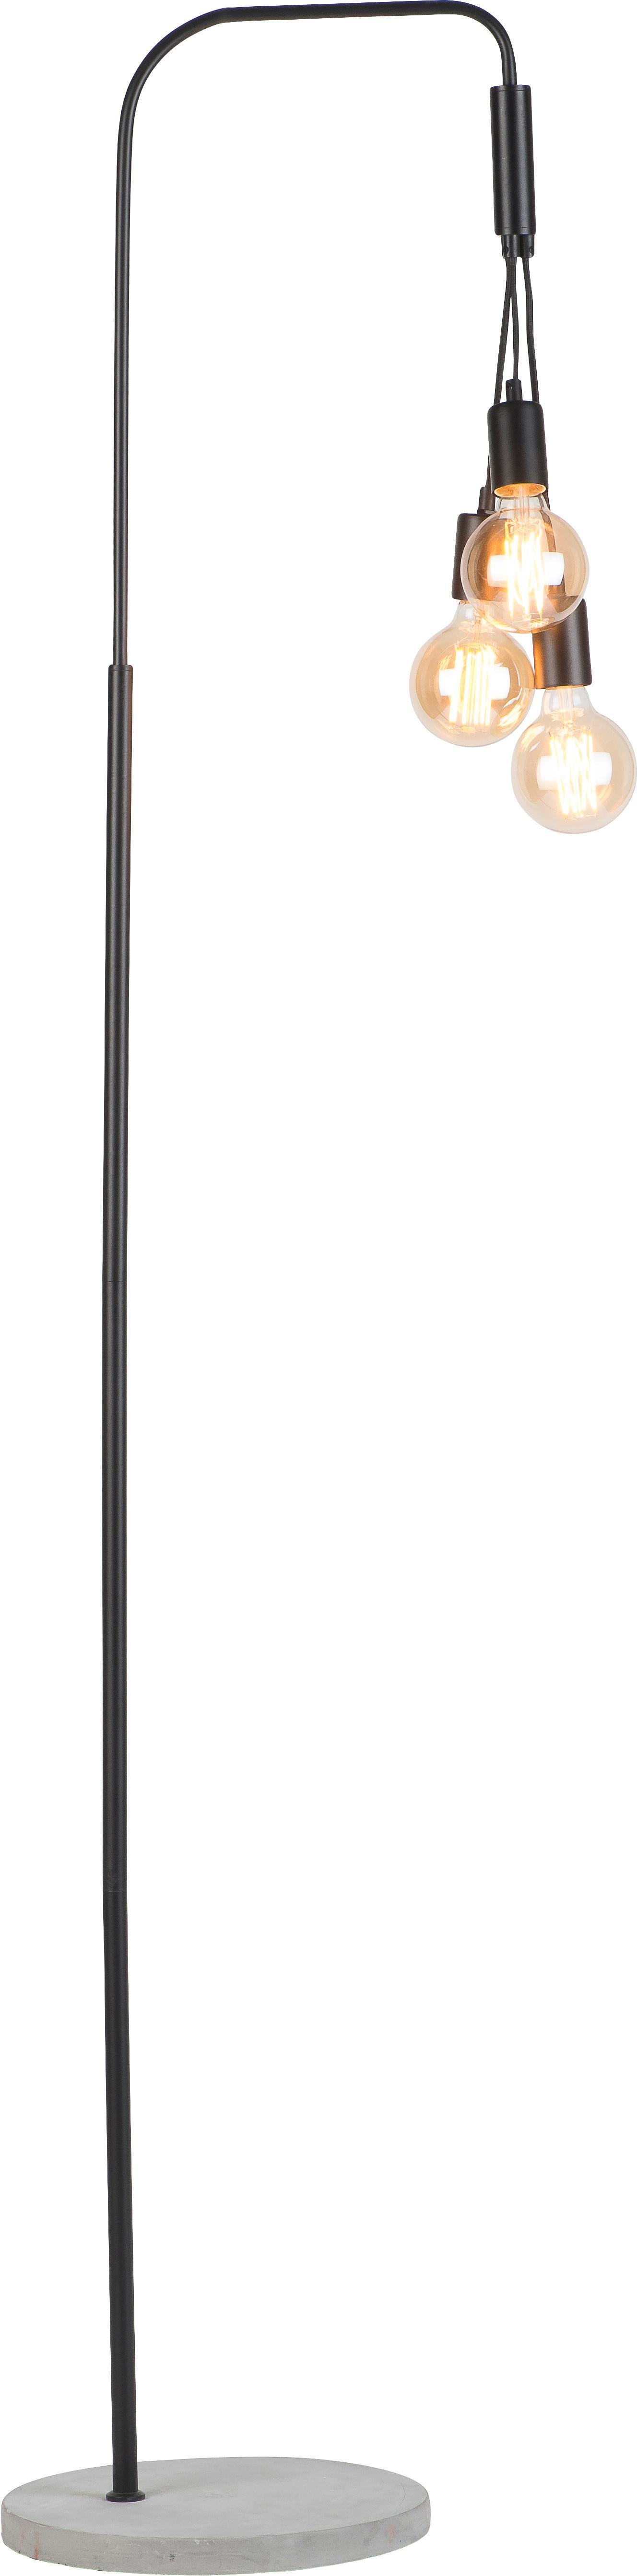 Lámpara de pie de diseño Oslo, Cable: cubierto en tela, Negro, An 48 x Al 190 cm